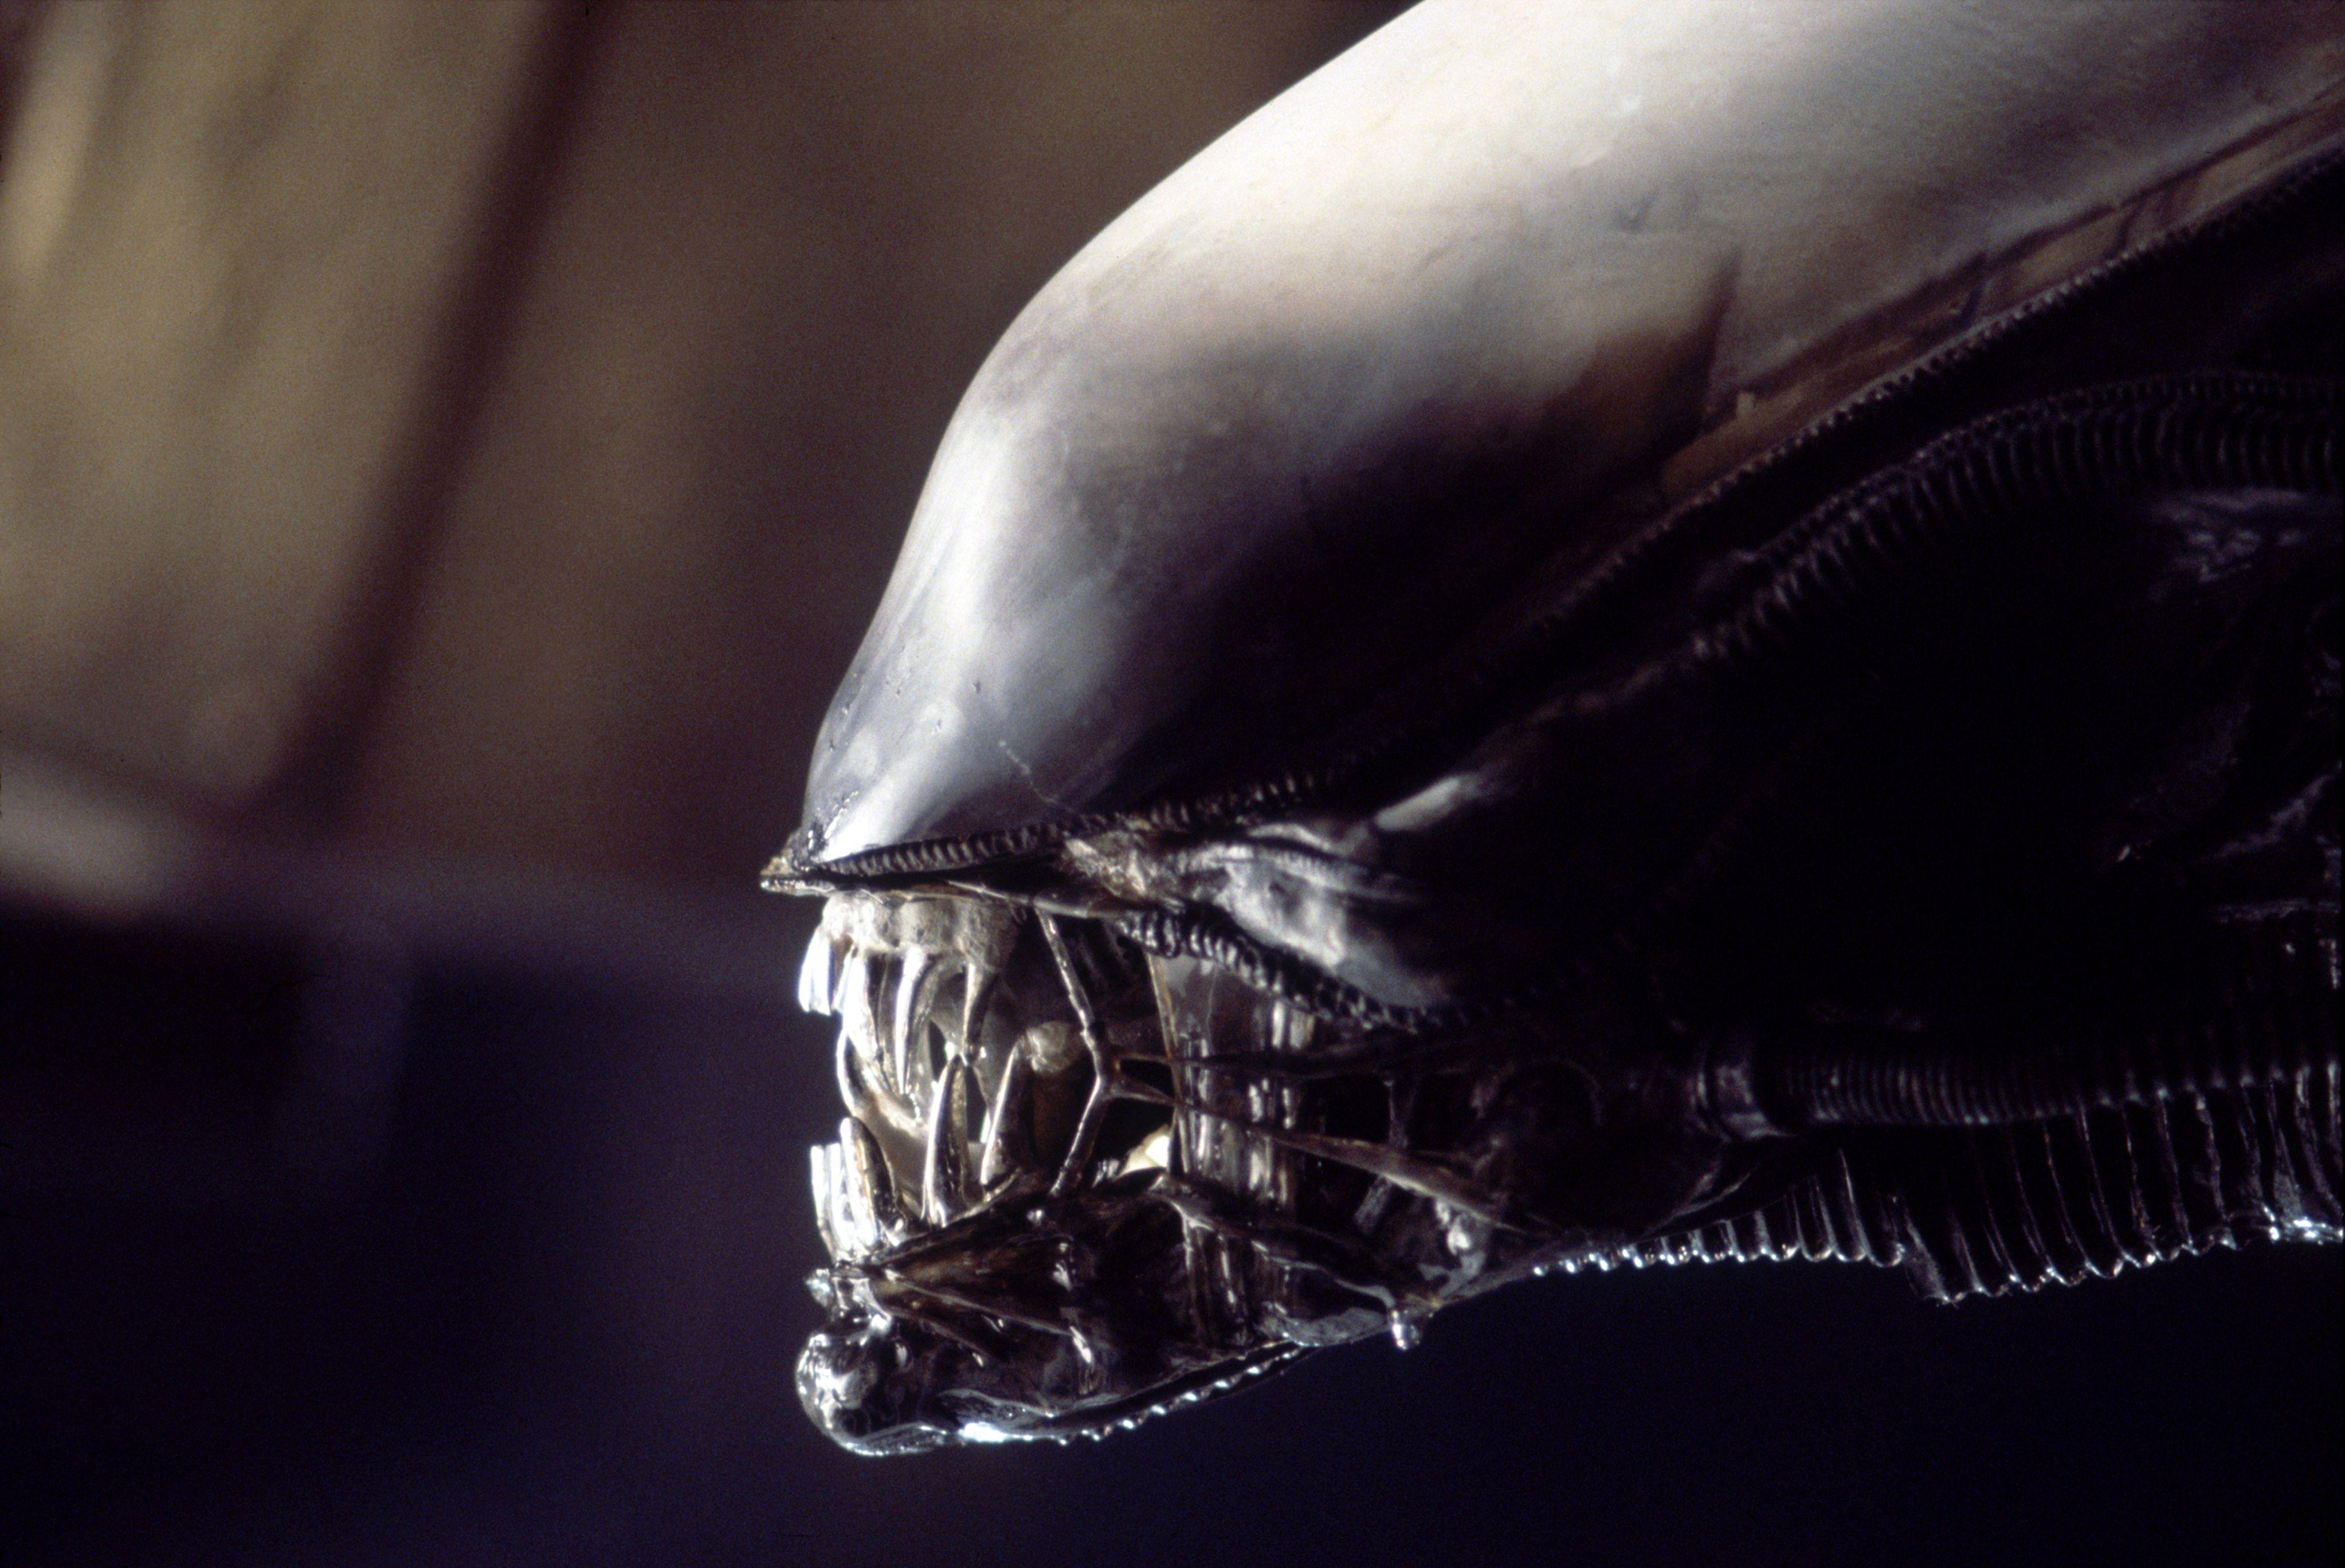 New 'Alien' Film Gets Greenlight